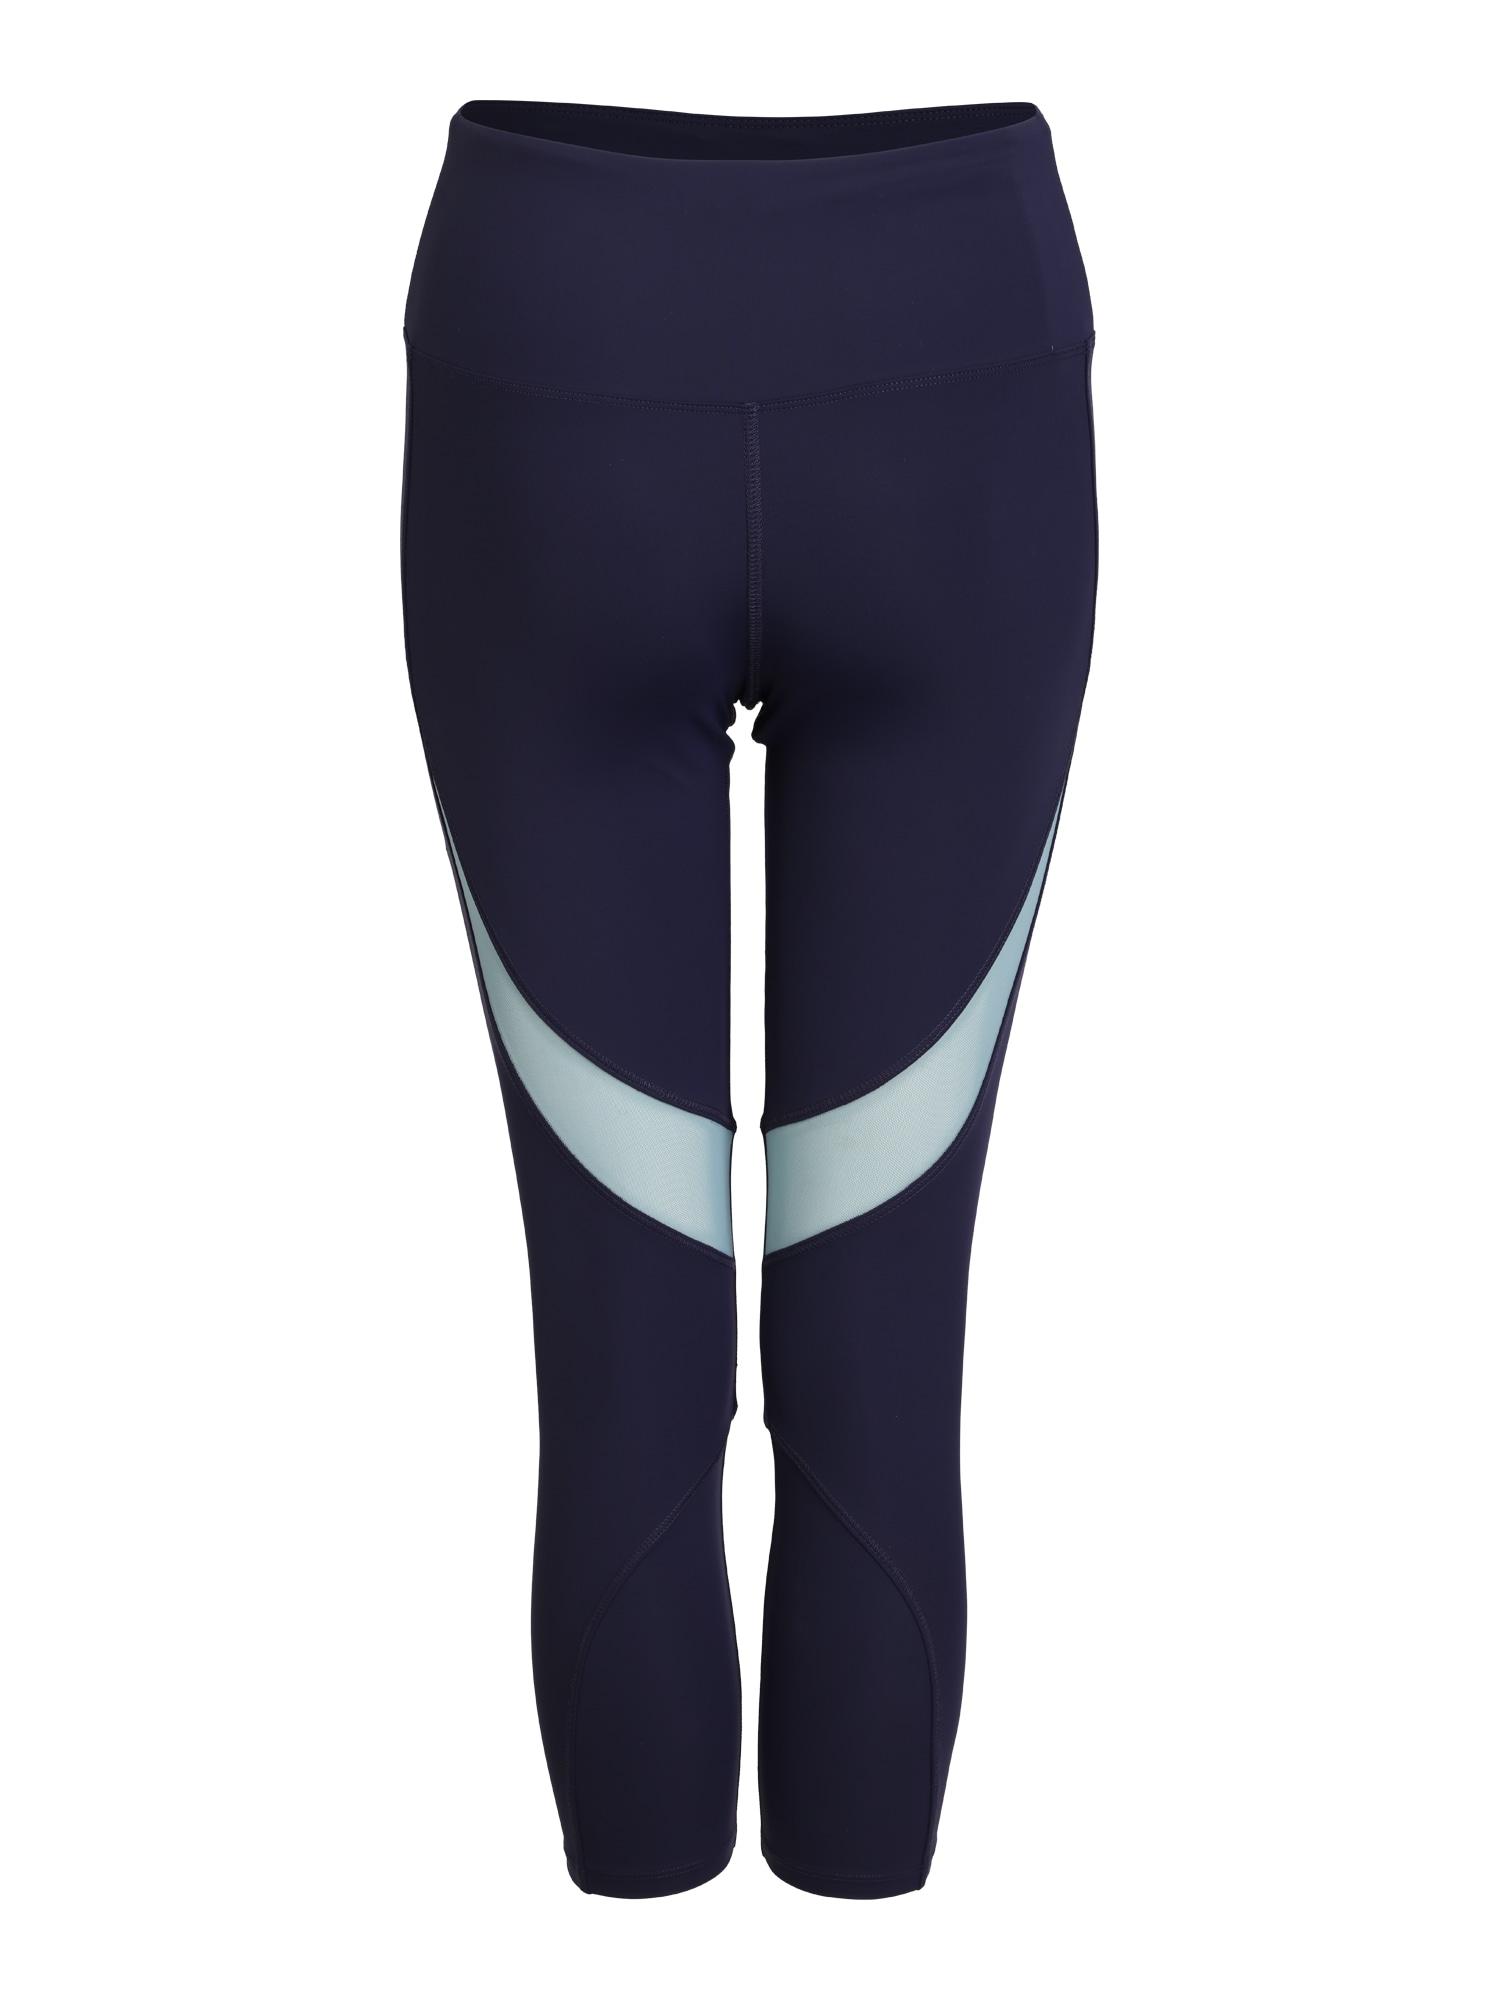 Sportovní kalhoty OASIS 22 CAPRI tmavě modrá Marika